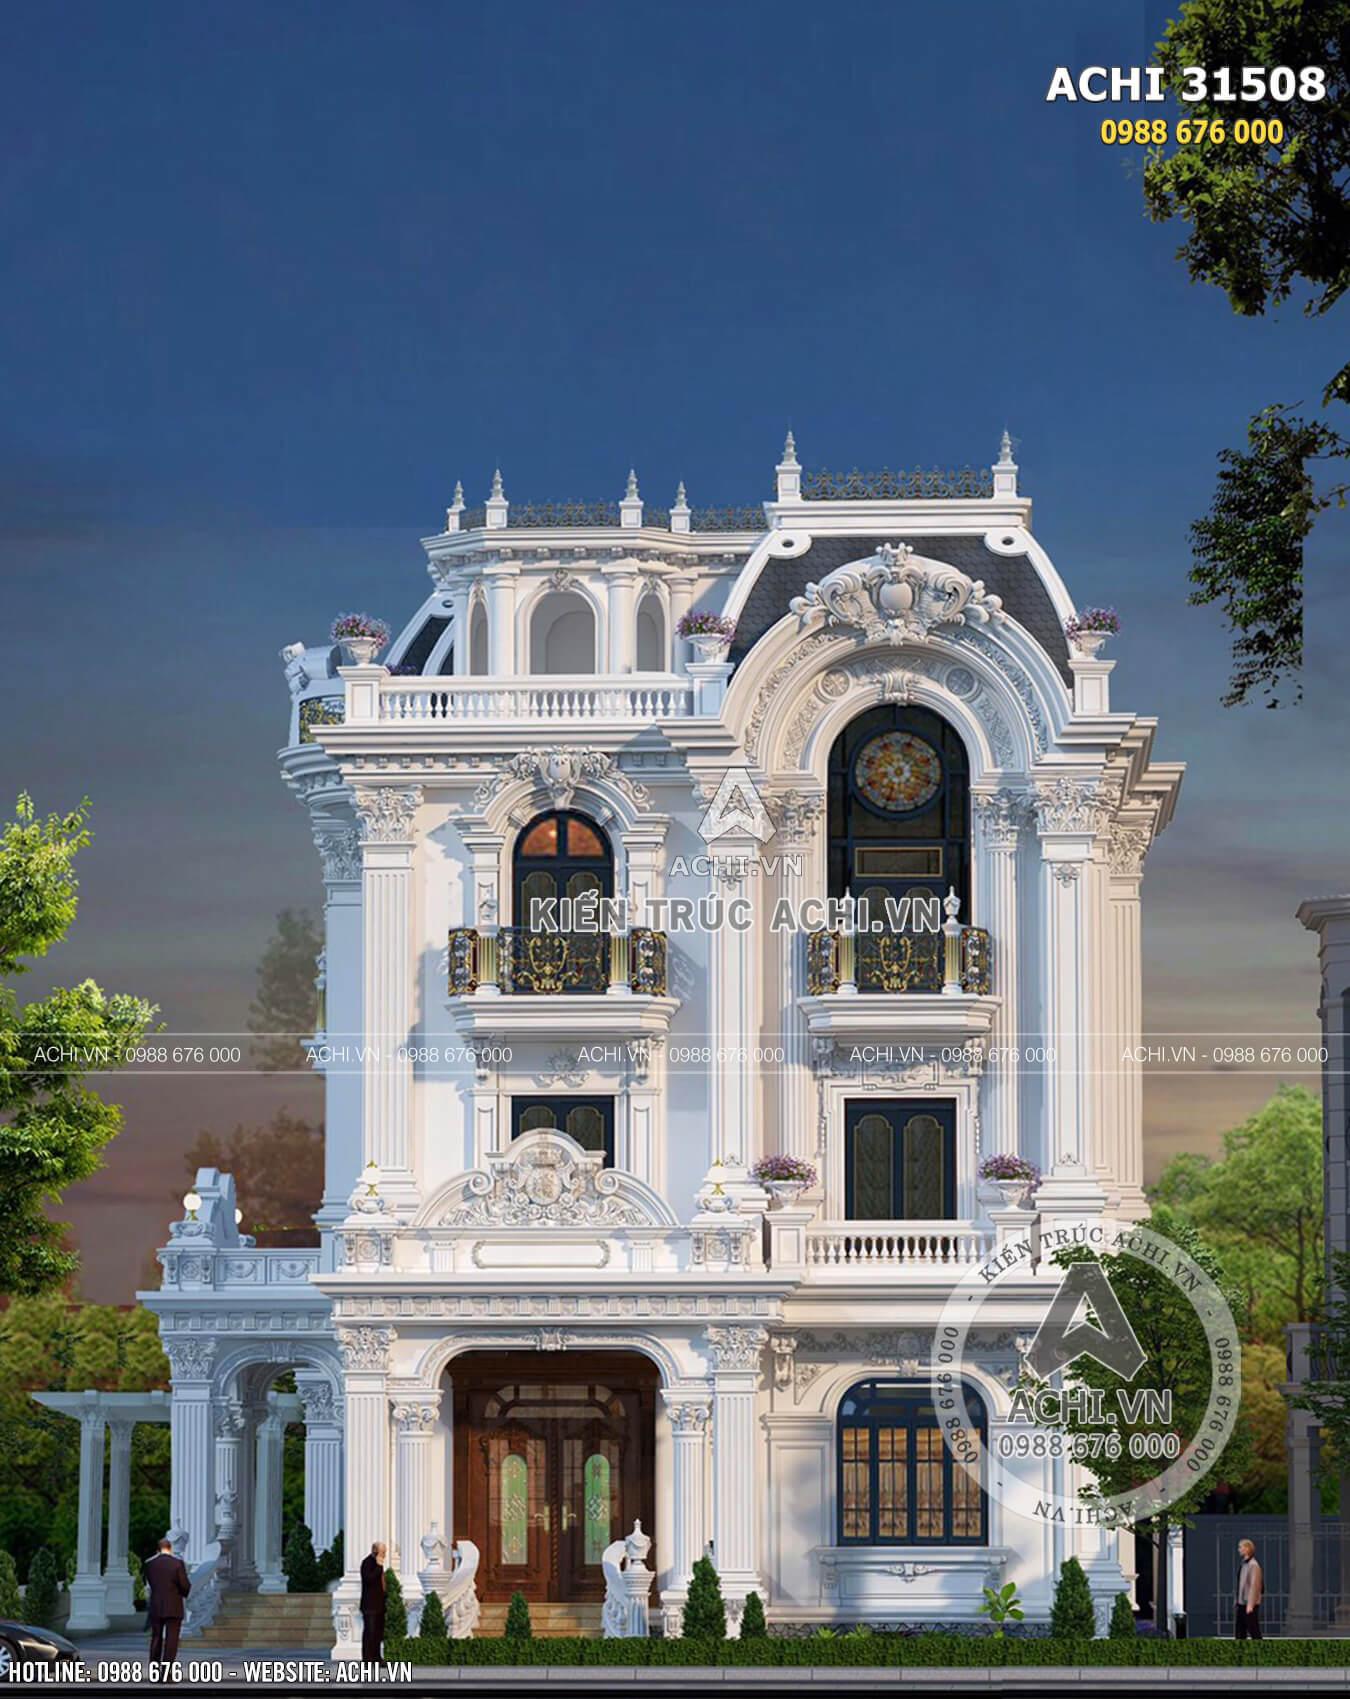 Biệt thự Pháp 3 tầng kiến trúc tân cổ điển sang trọng